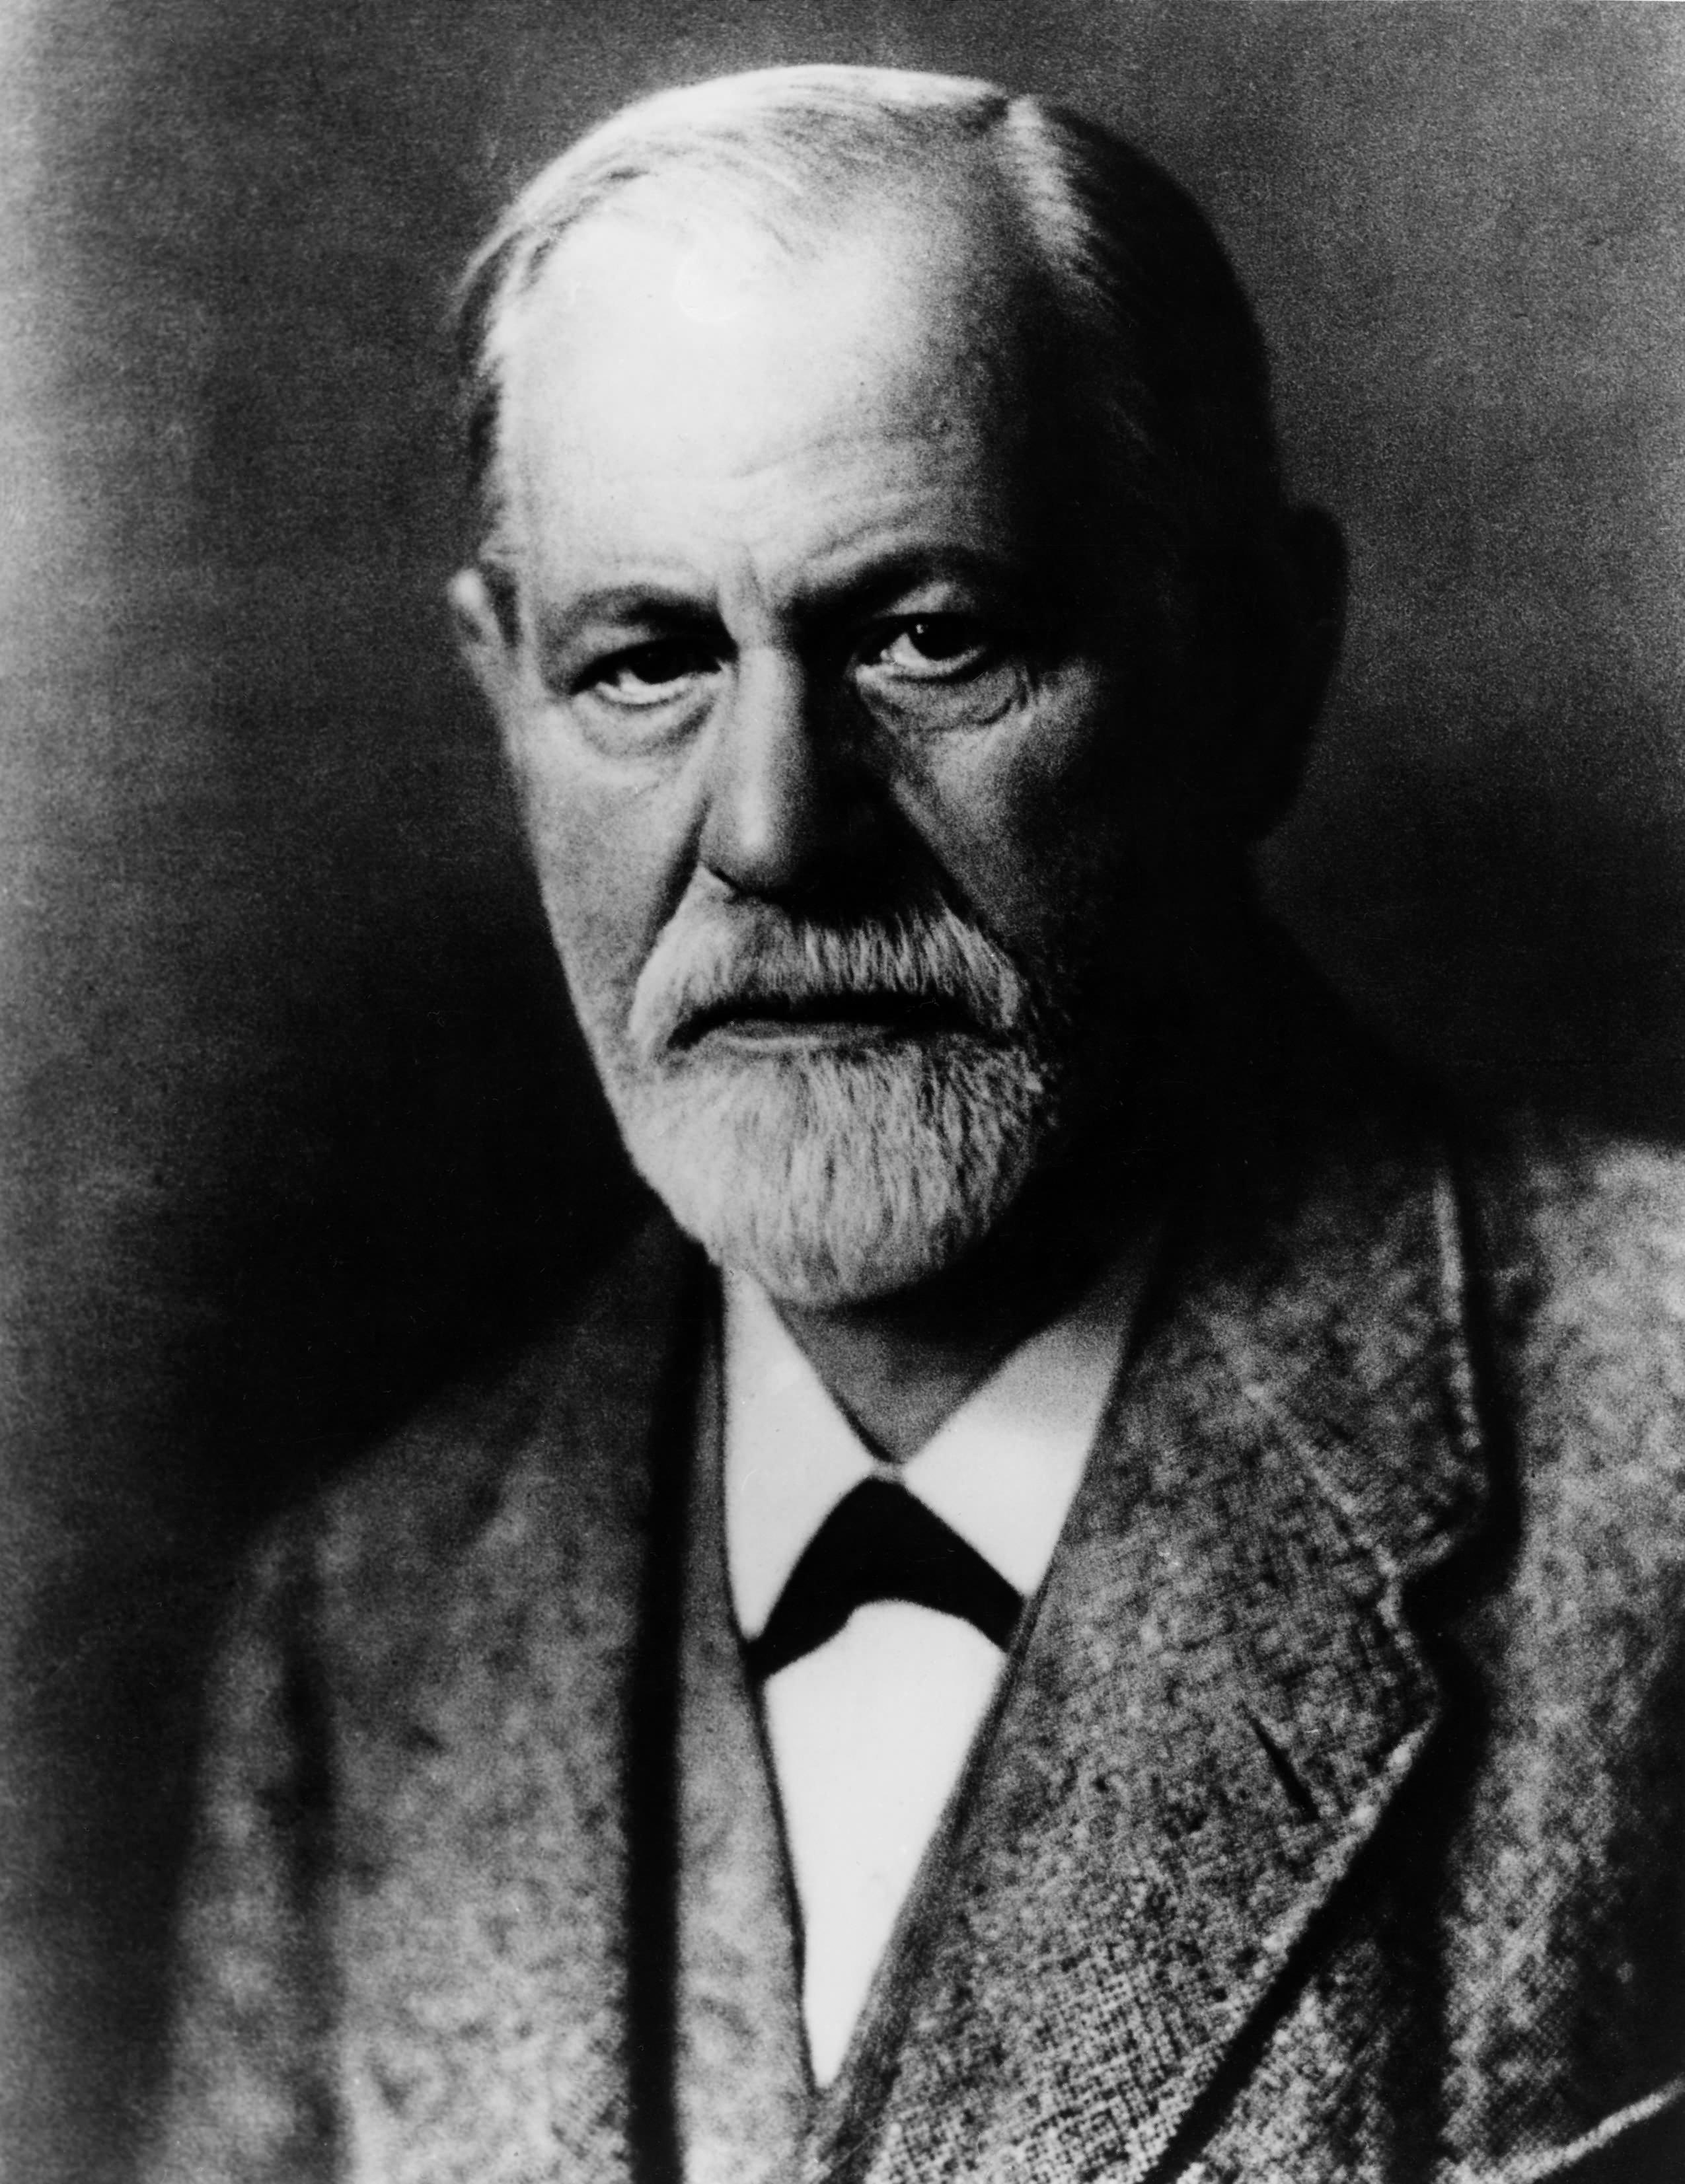 Από τα βικτωριανά ταμπού στο body-shaming: 162 χρόνια μετά τη γέννησή του Φρόιντ, εξετάζουμε πόσο επίκαιρος παραμένει ο Πατέρ...